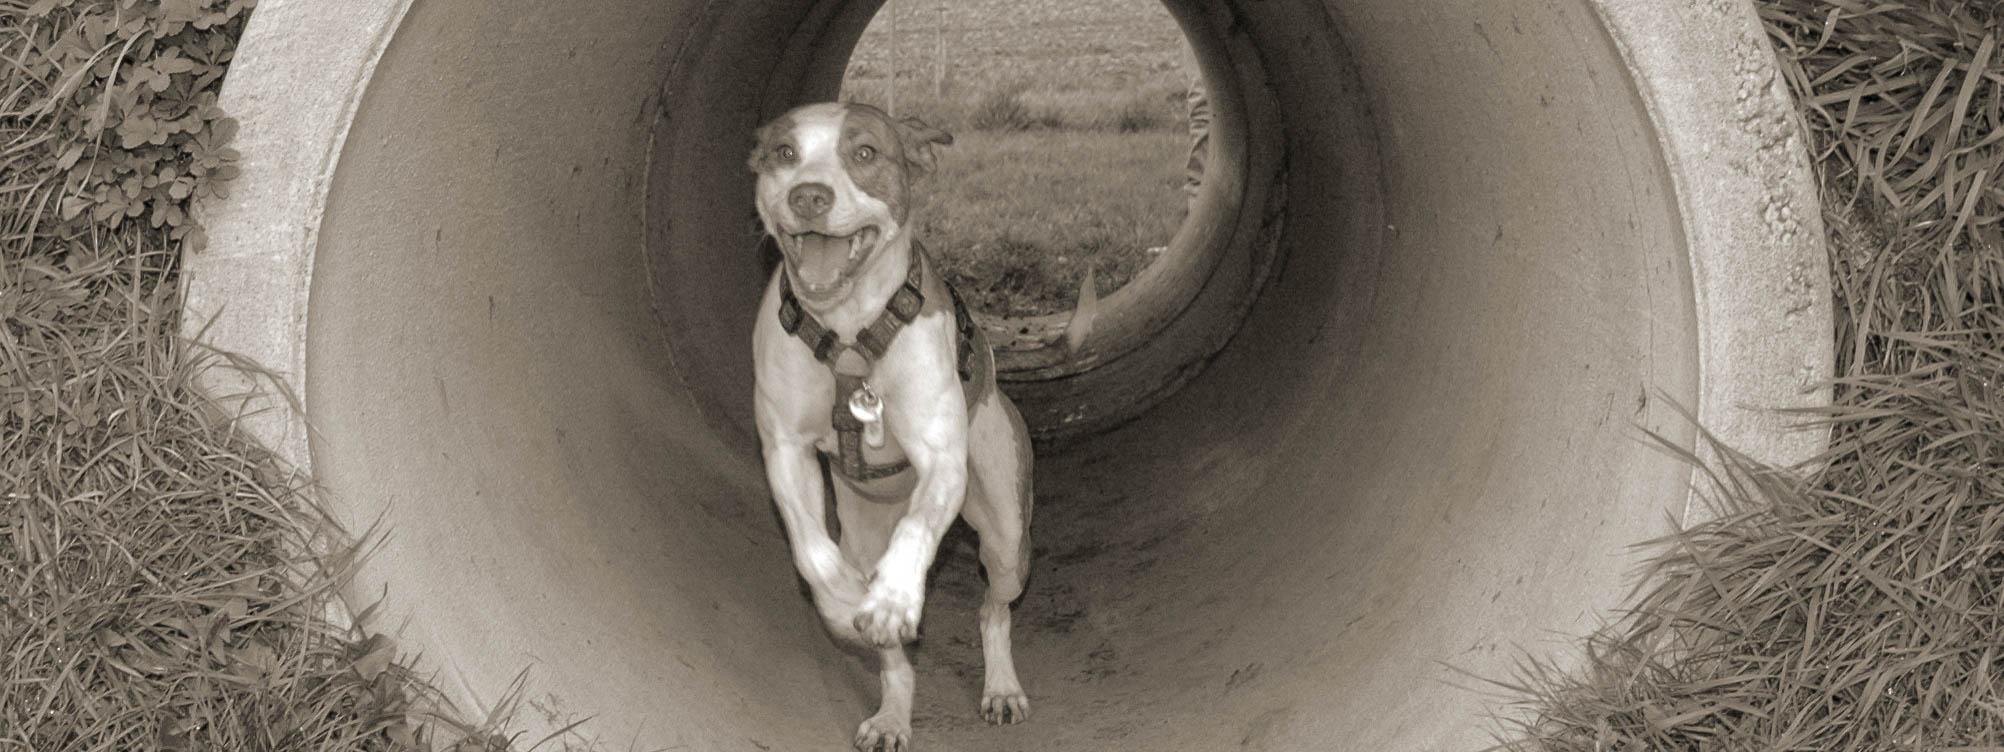 Ein Hund rennt durch einen großen Tunnel